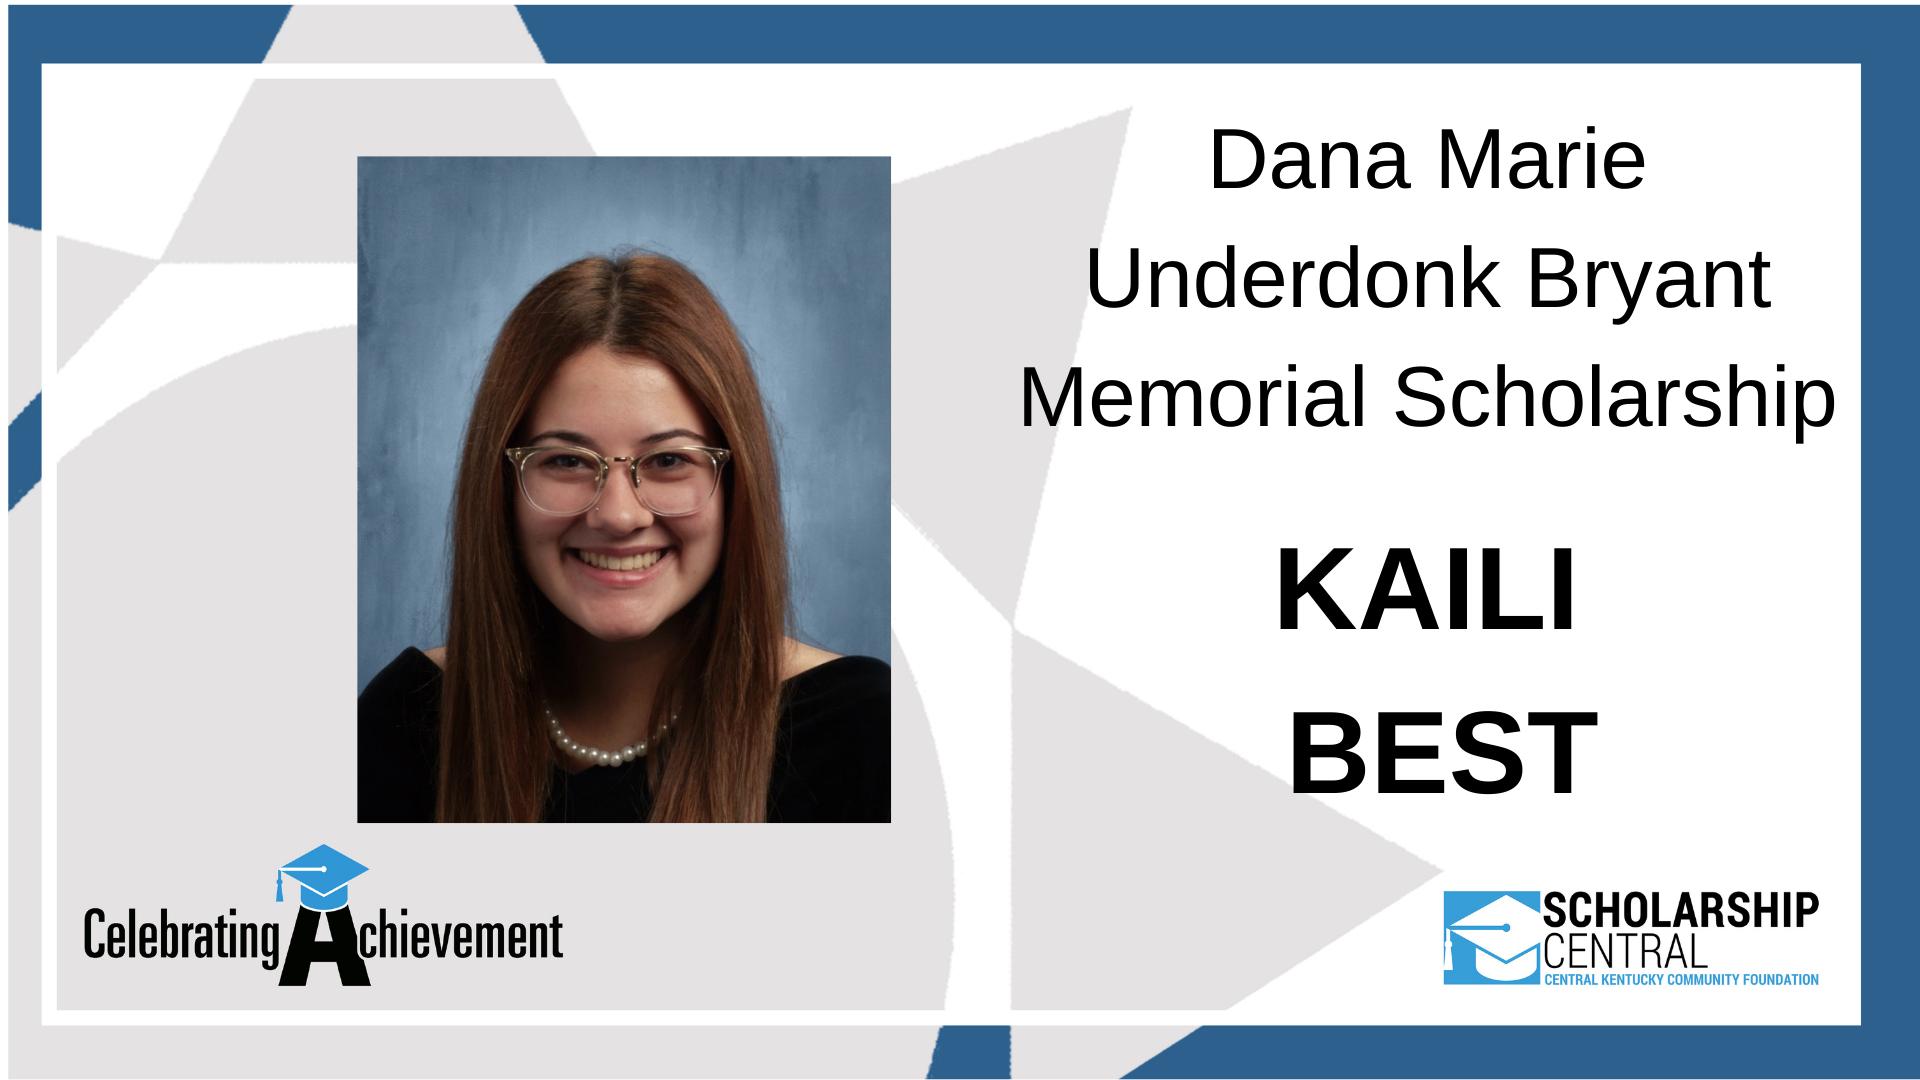 Dana Marie Underdonk Bryant Memorial Scholarship Winner